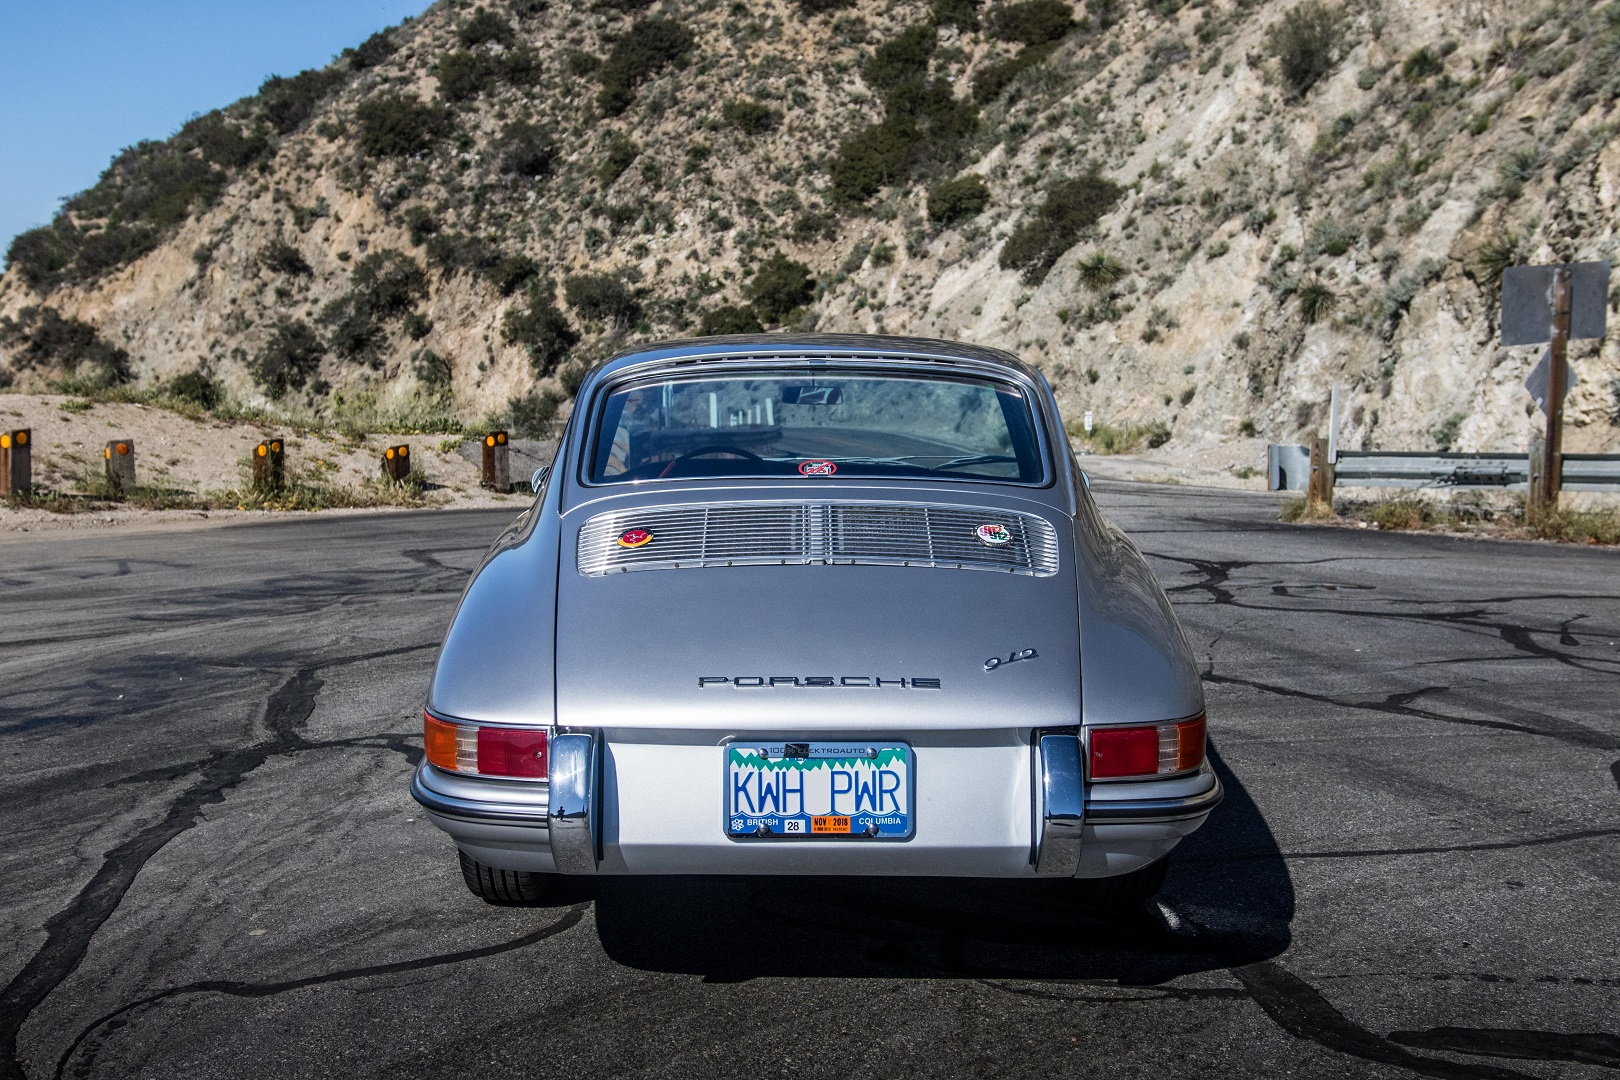 Electric Porsche 912 Rear View High Angle